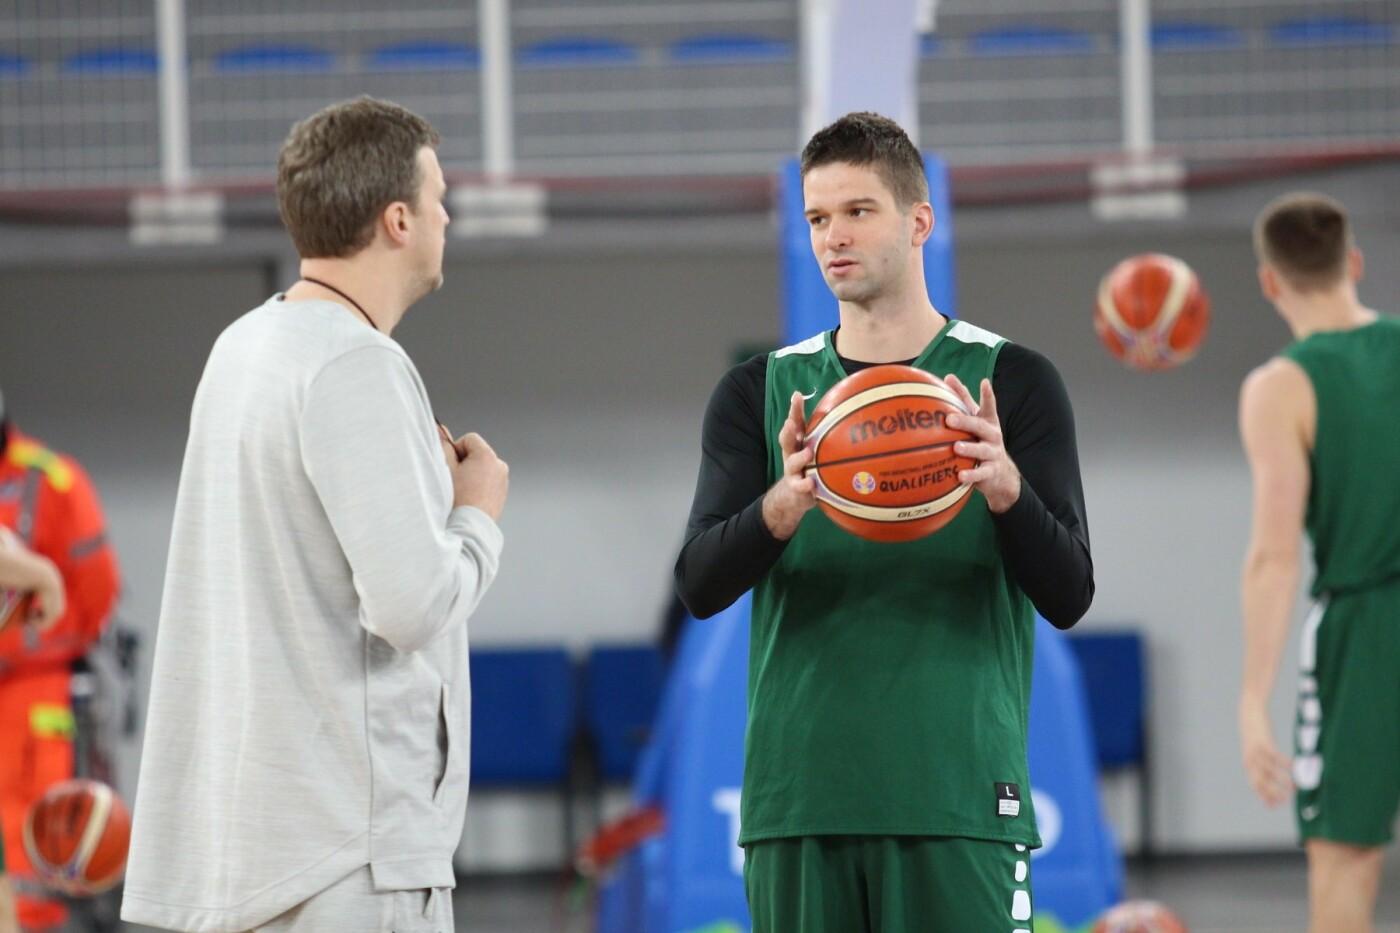 Lietuvos vyrų krepšinio rinktinė surengė vienintelę treniruotę Italijoje, nuotrauka-1